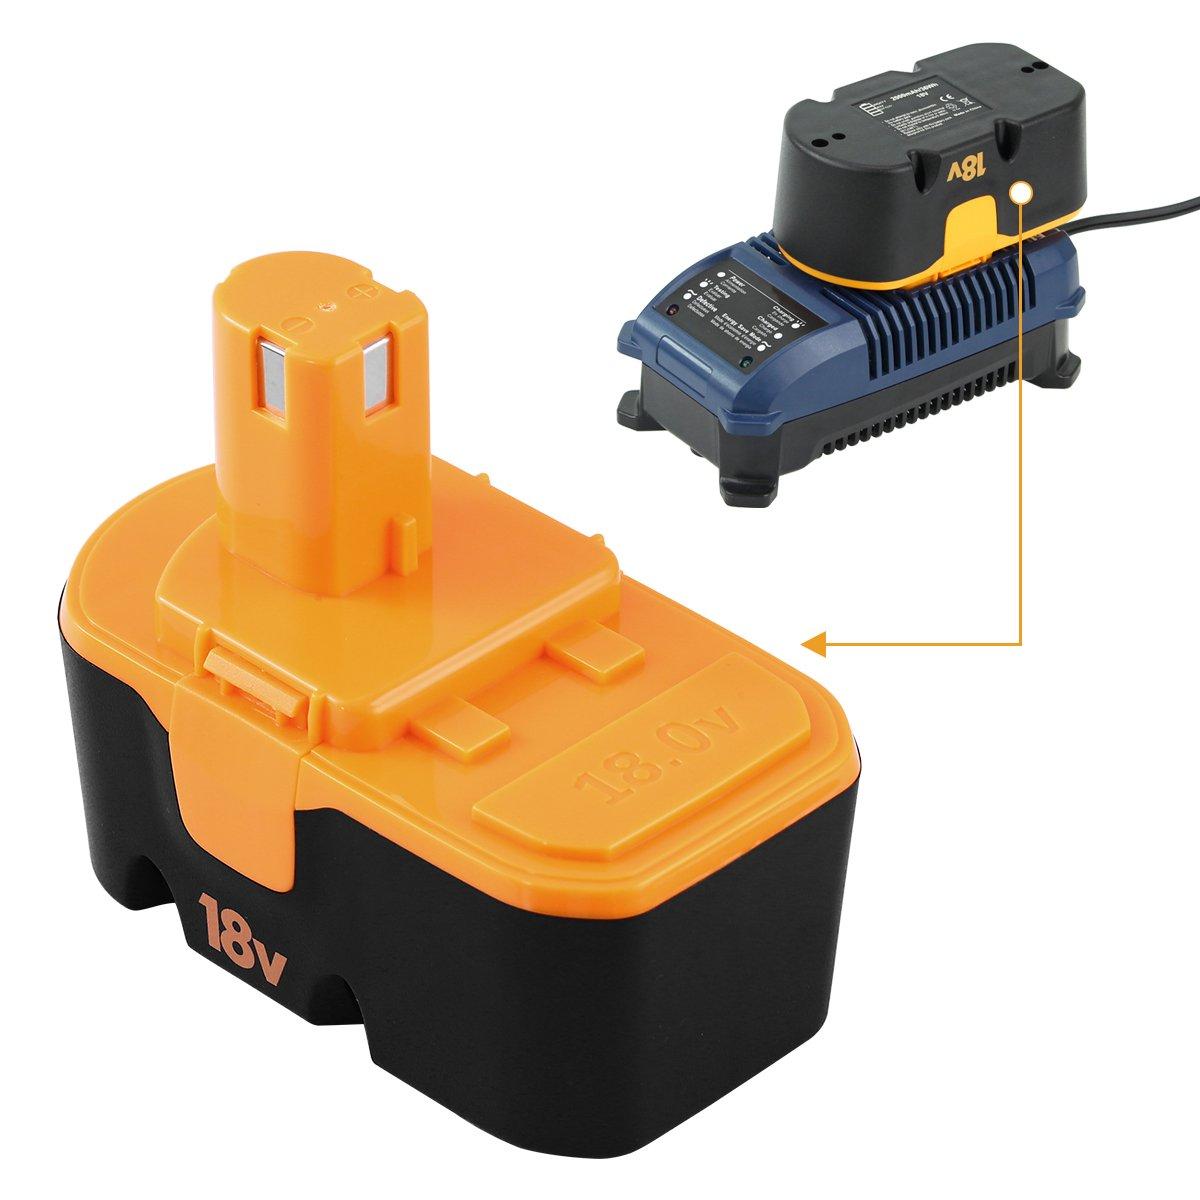 18V 3.0Ah Remplacement de la batterie Ni-Mh pour Ryobi ABP1801 ABP1803 BPP-1813 BPP-1815 BPP-1817 BPP-1817M BPP-1820 Outil /électrique sans fil